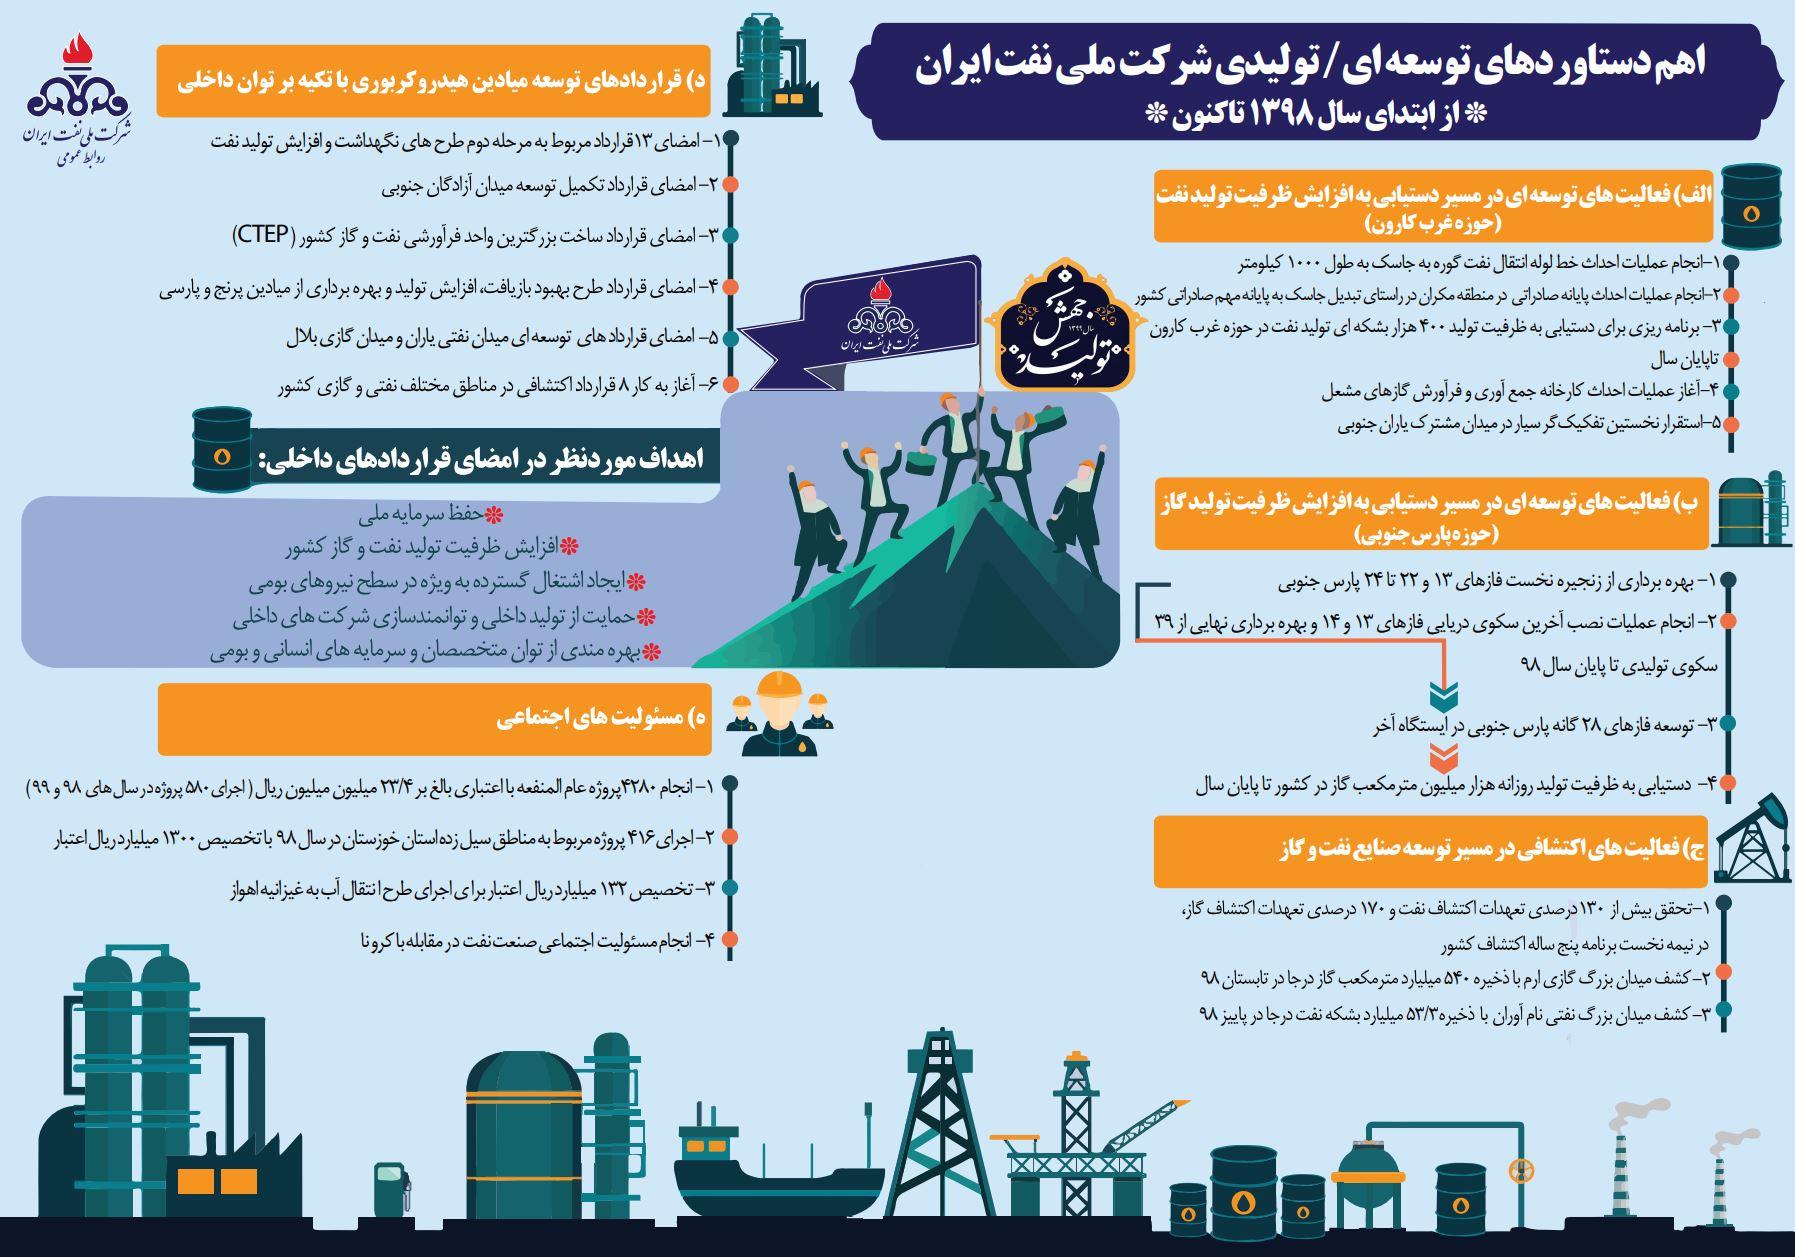 دستاوردهای شرکت ملی نفت